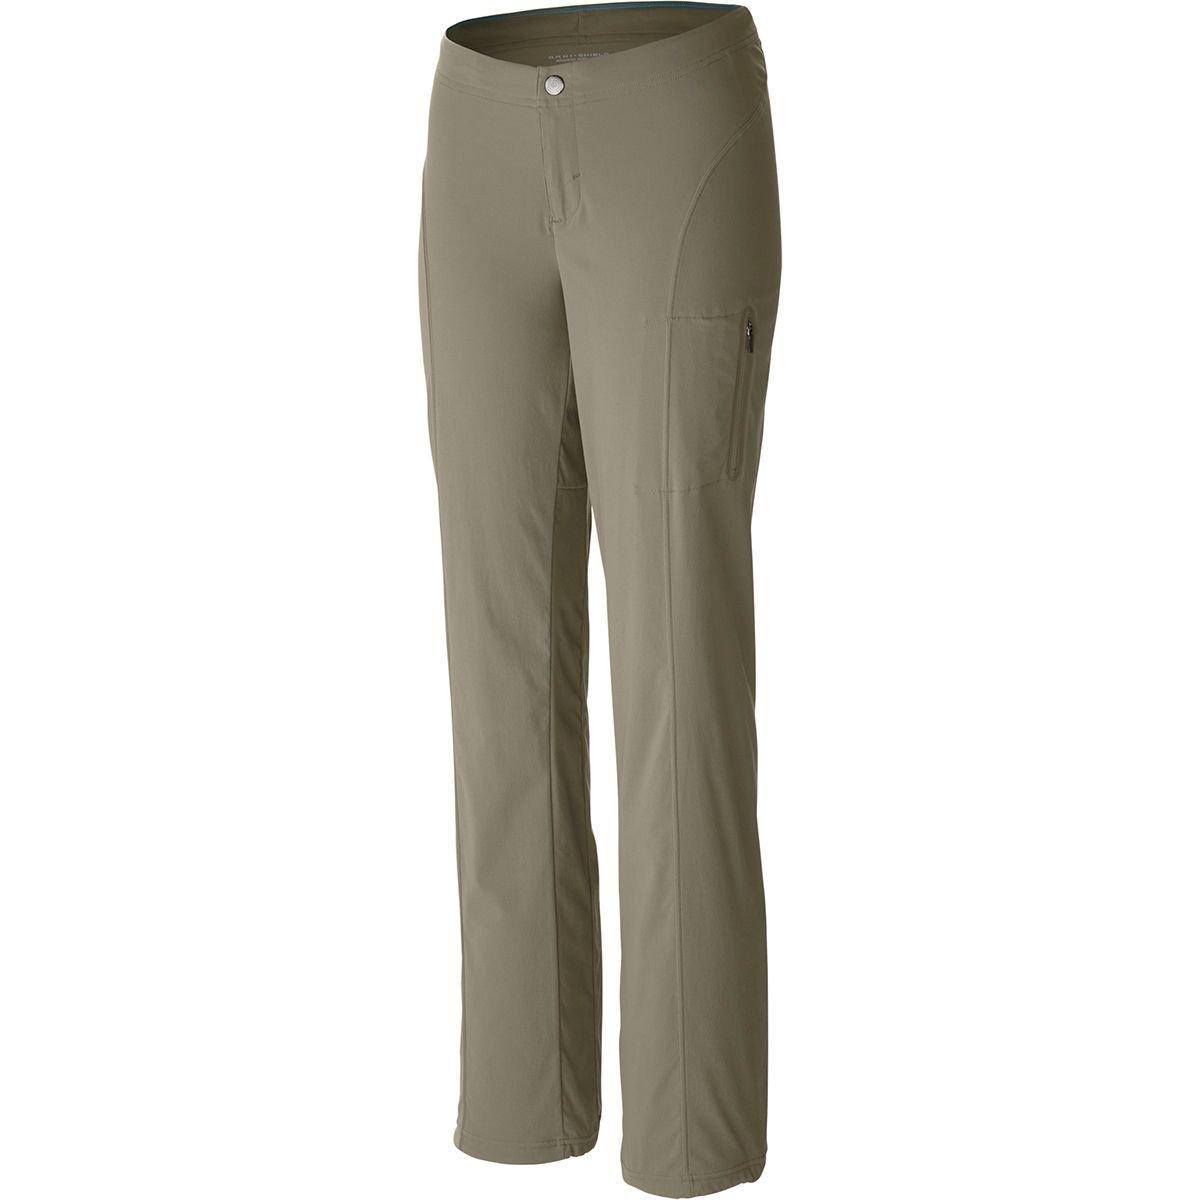 (コロンビア) Columbia Just Right Straight Leg Pant - Women'sメンズ バックパック リュック Tusk [並行輸入品]   B079FP5FKW